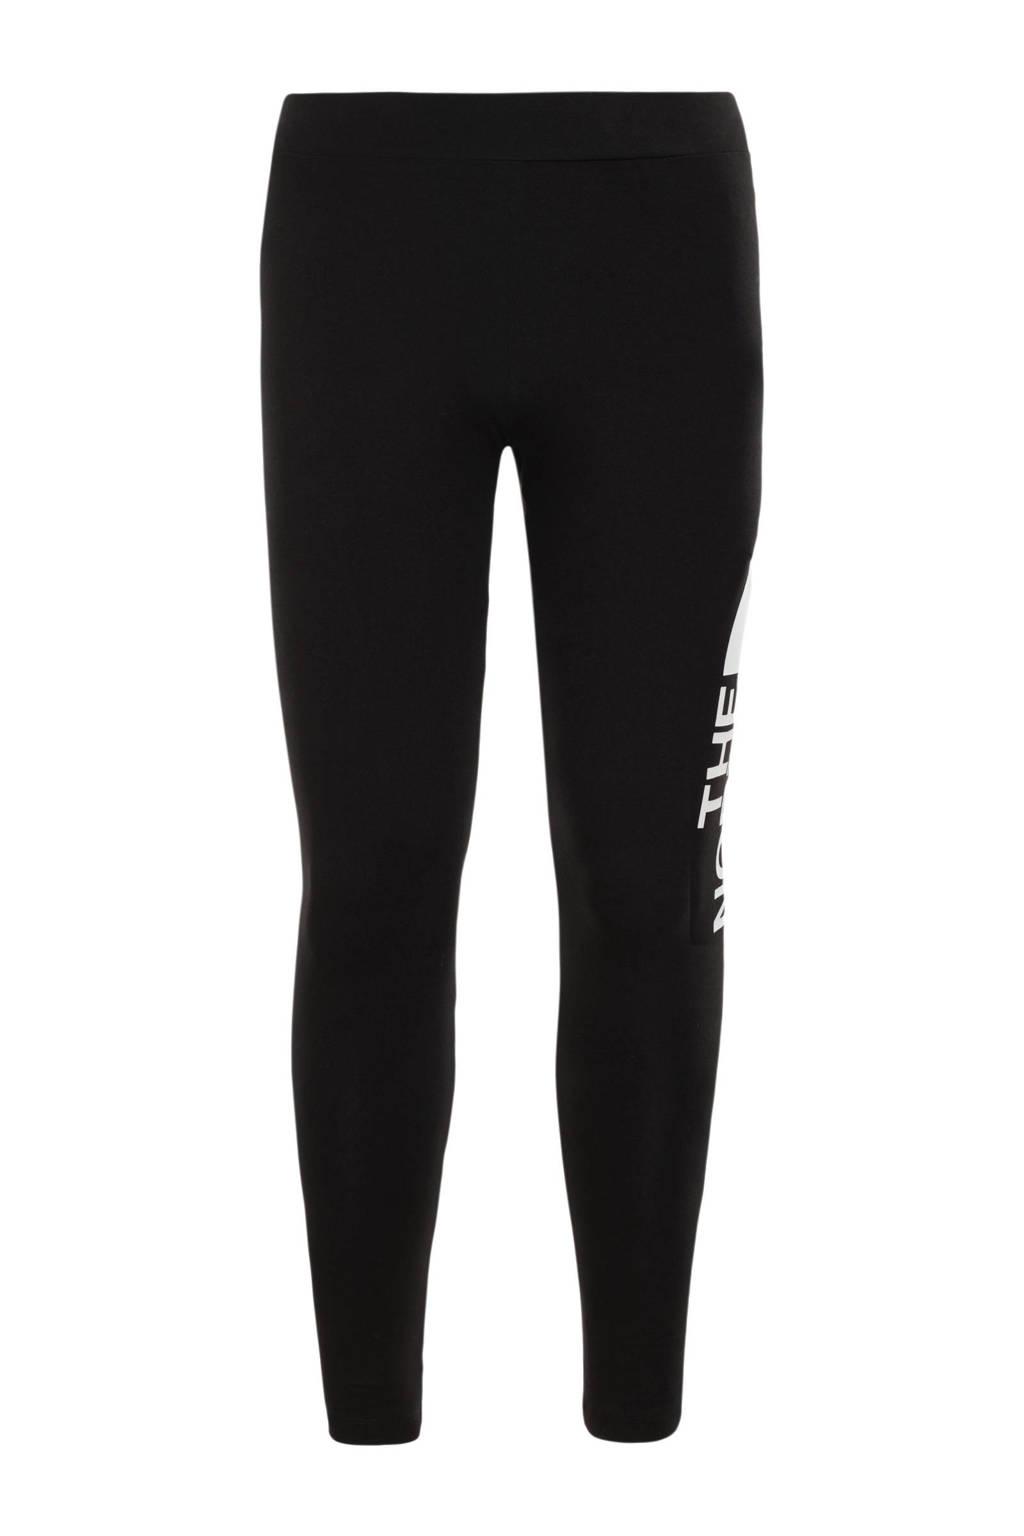 The North Face broek zwart/wit, Zwart/wit